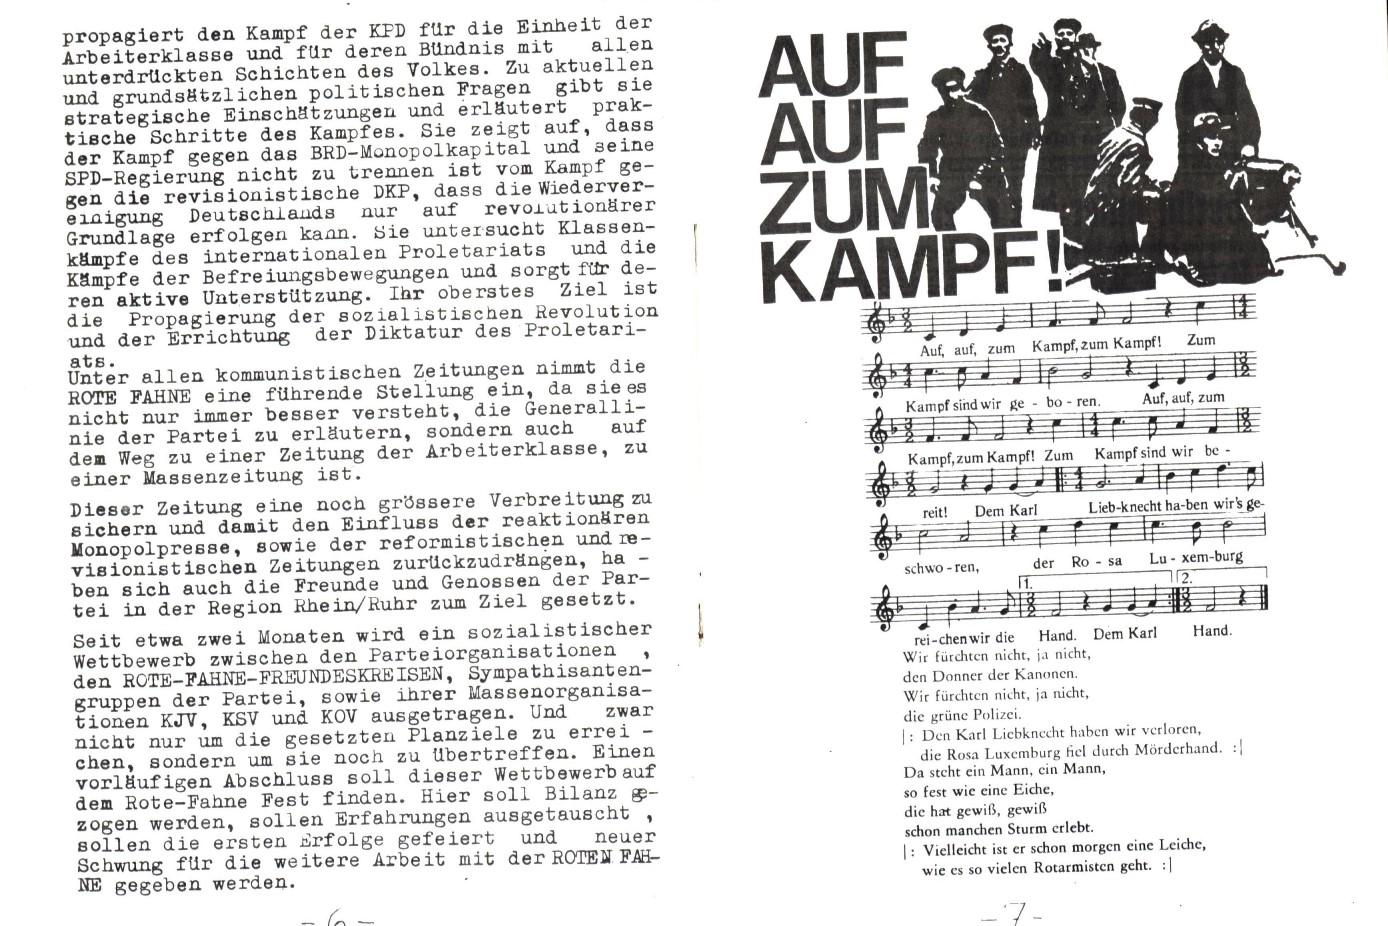 Duisburg_KPD_1974_Rote_Fahne_Fest_04